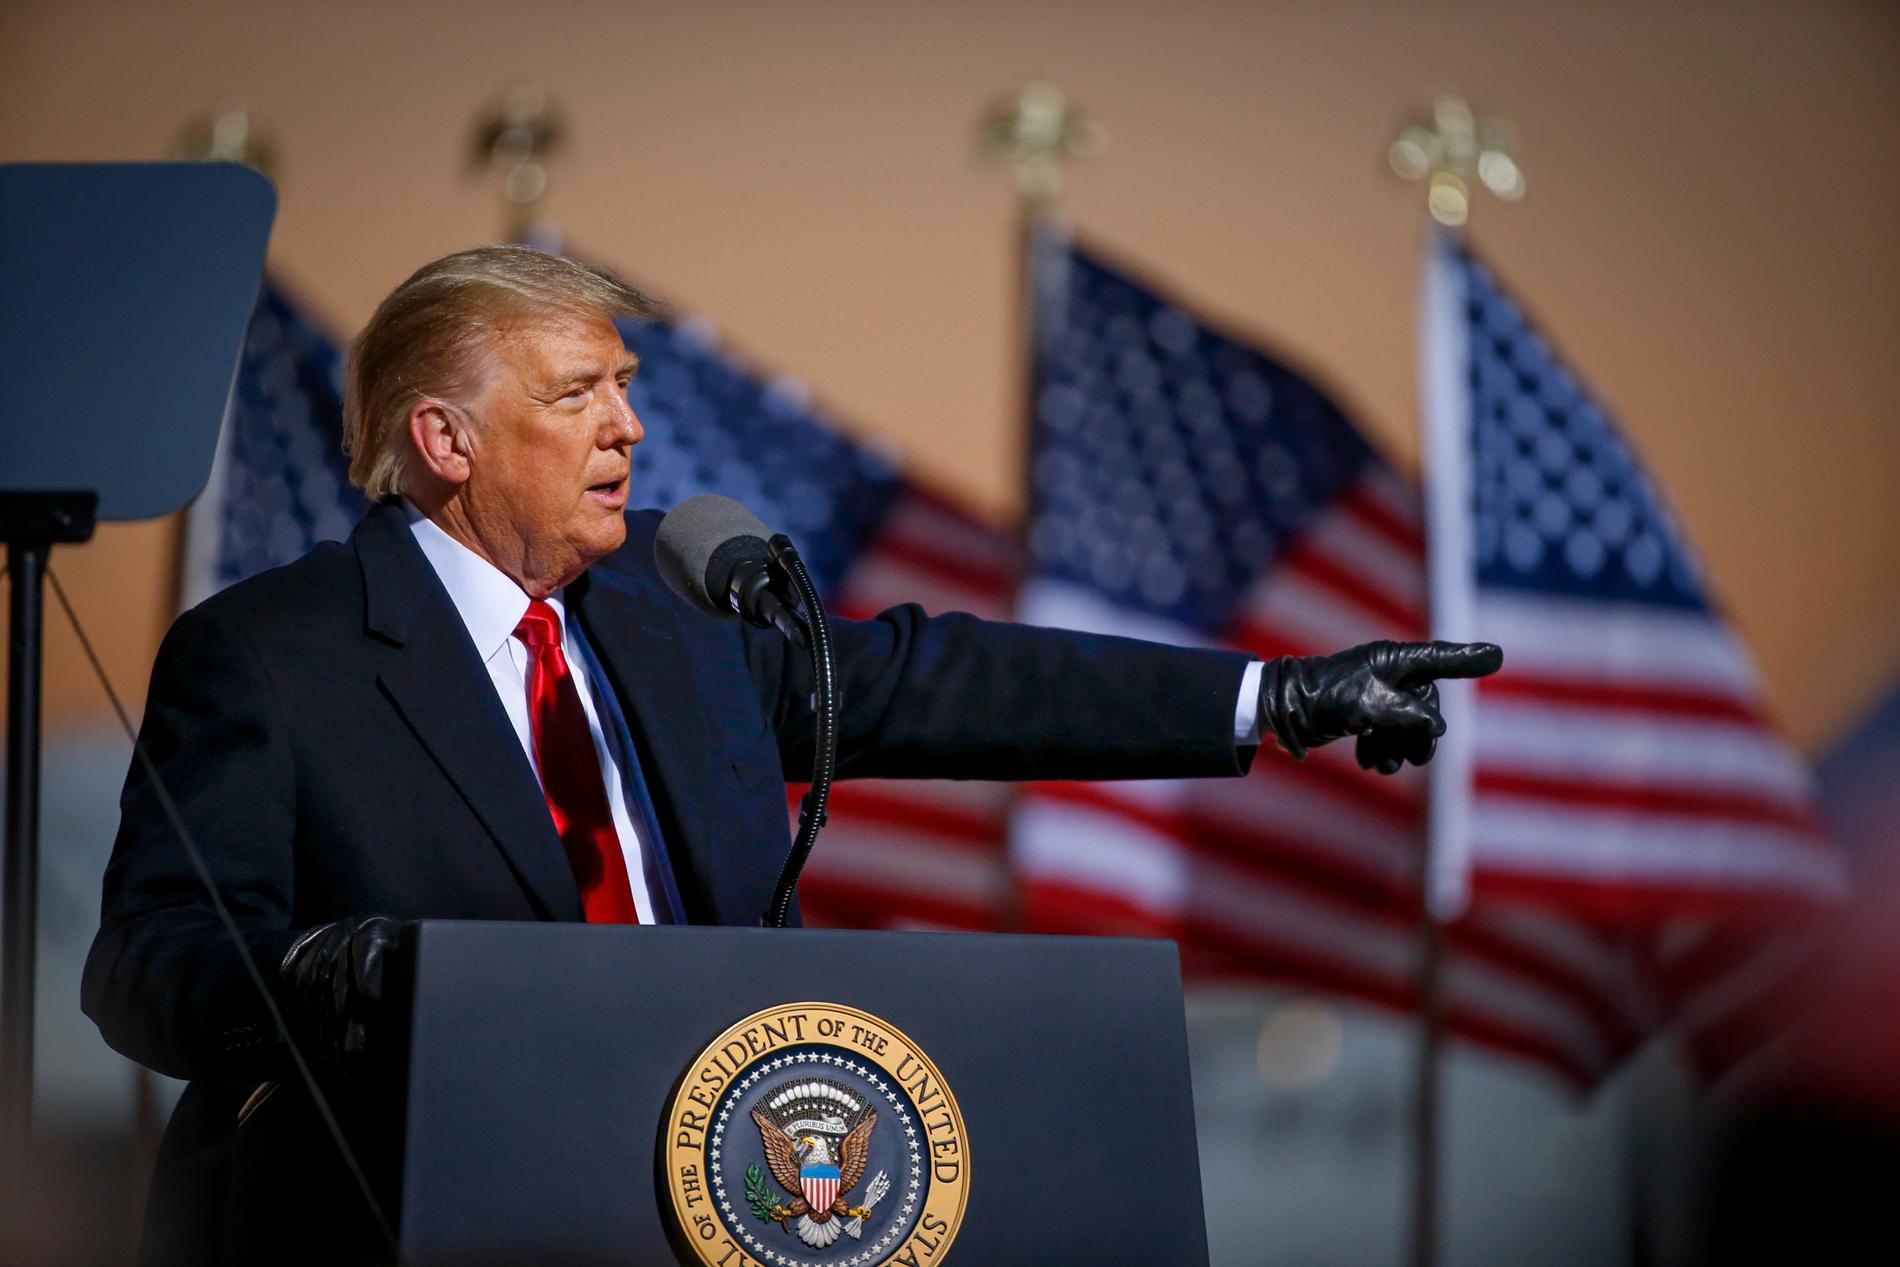 Inför valet 2016 var Donald Trump en outsider.